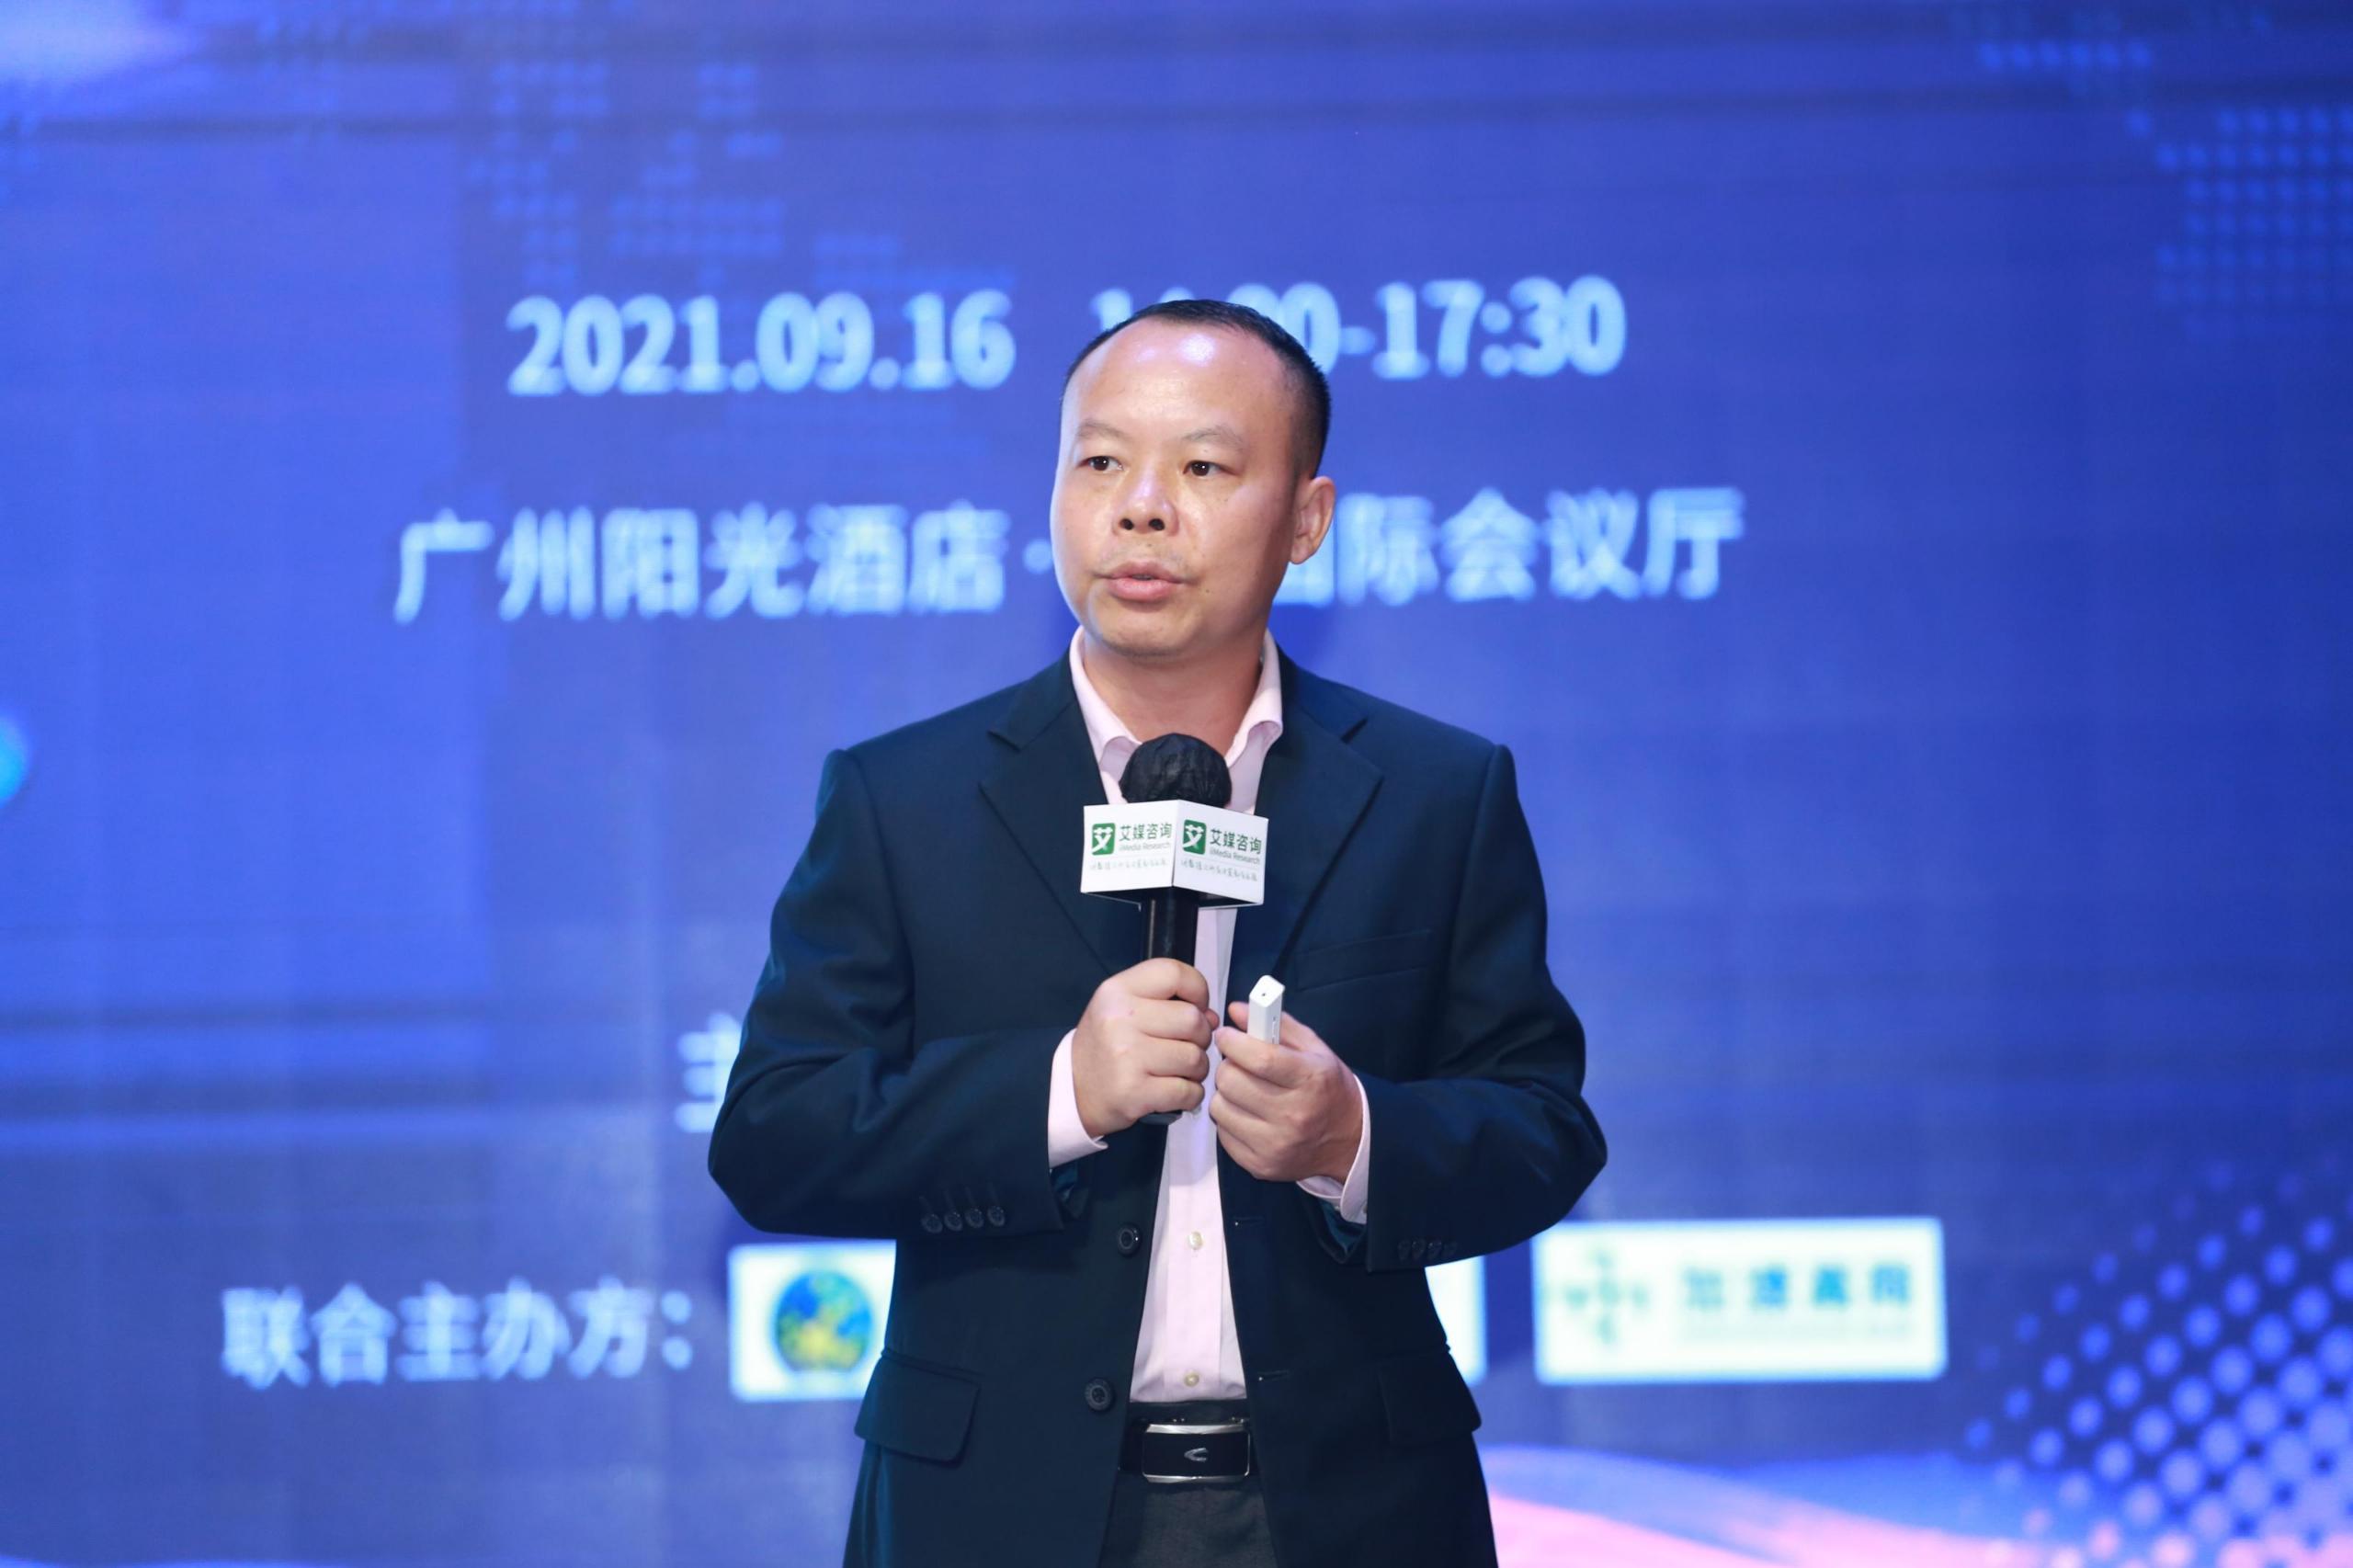 艾媒咨询发布《2021年中国新消费发展趋势研究报告》